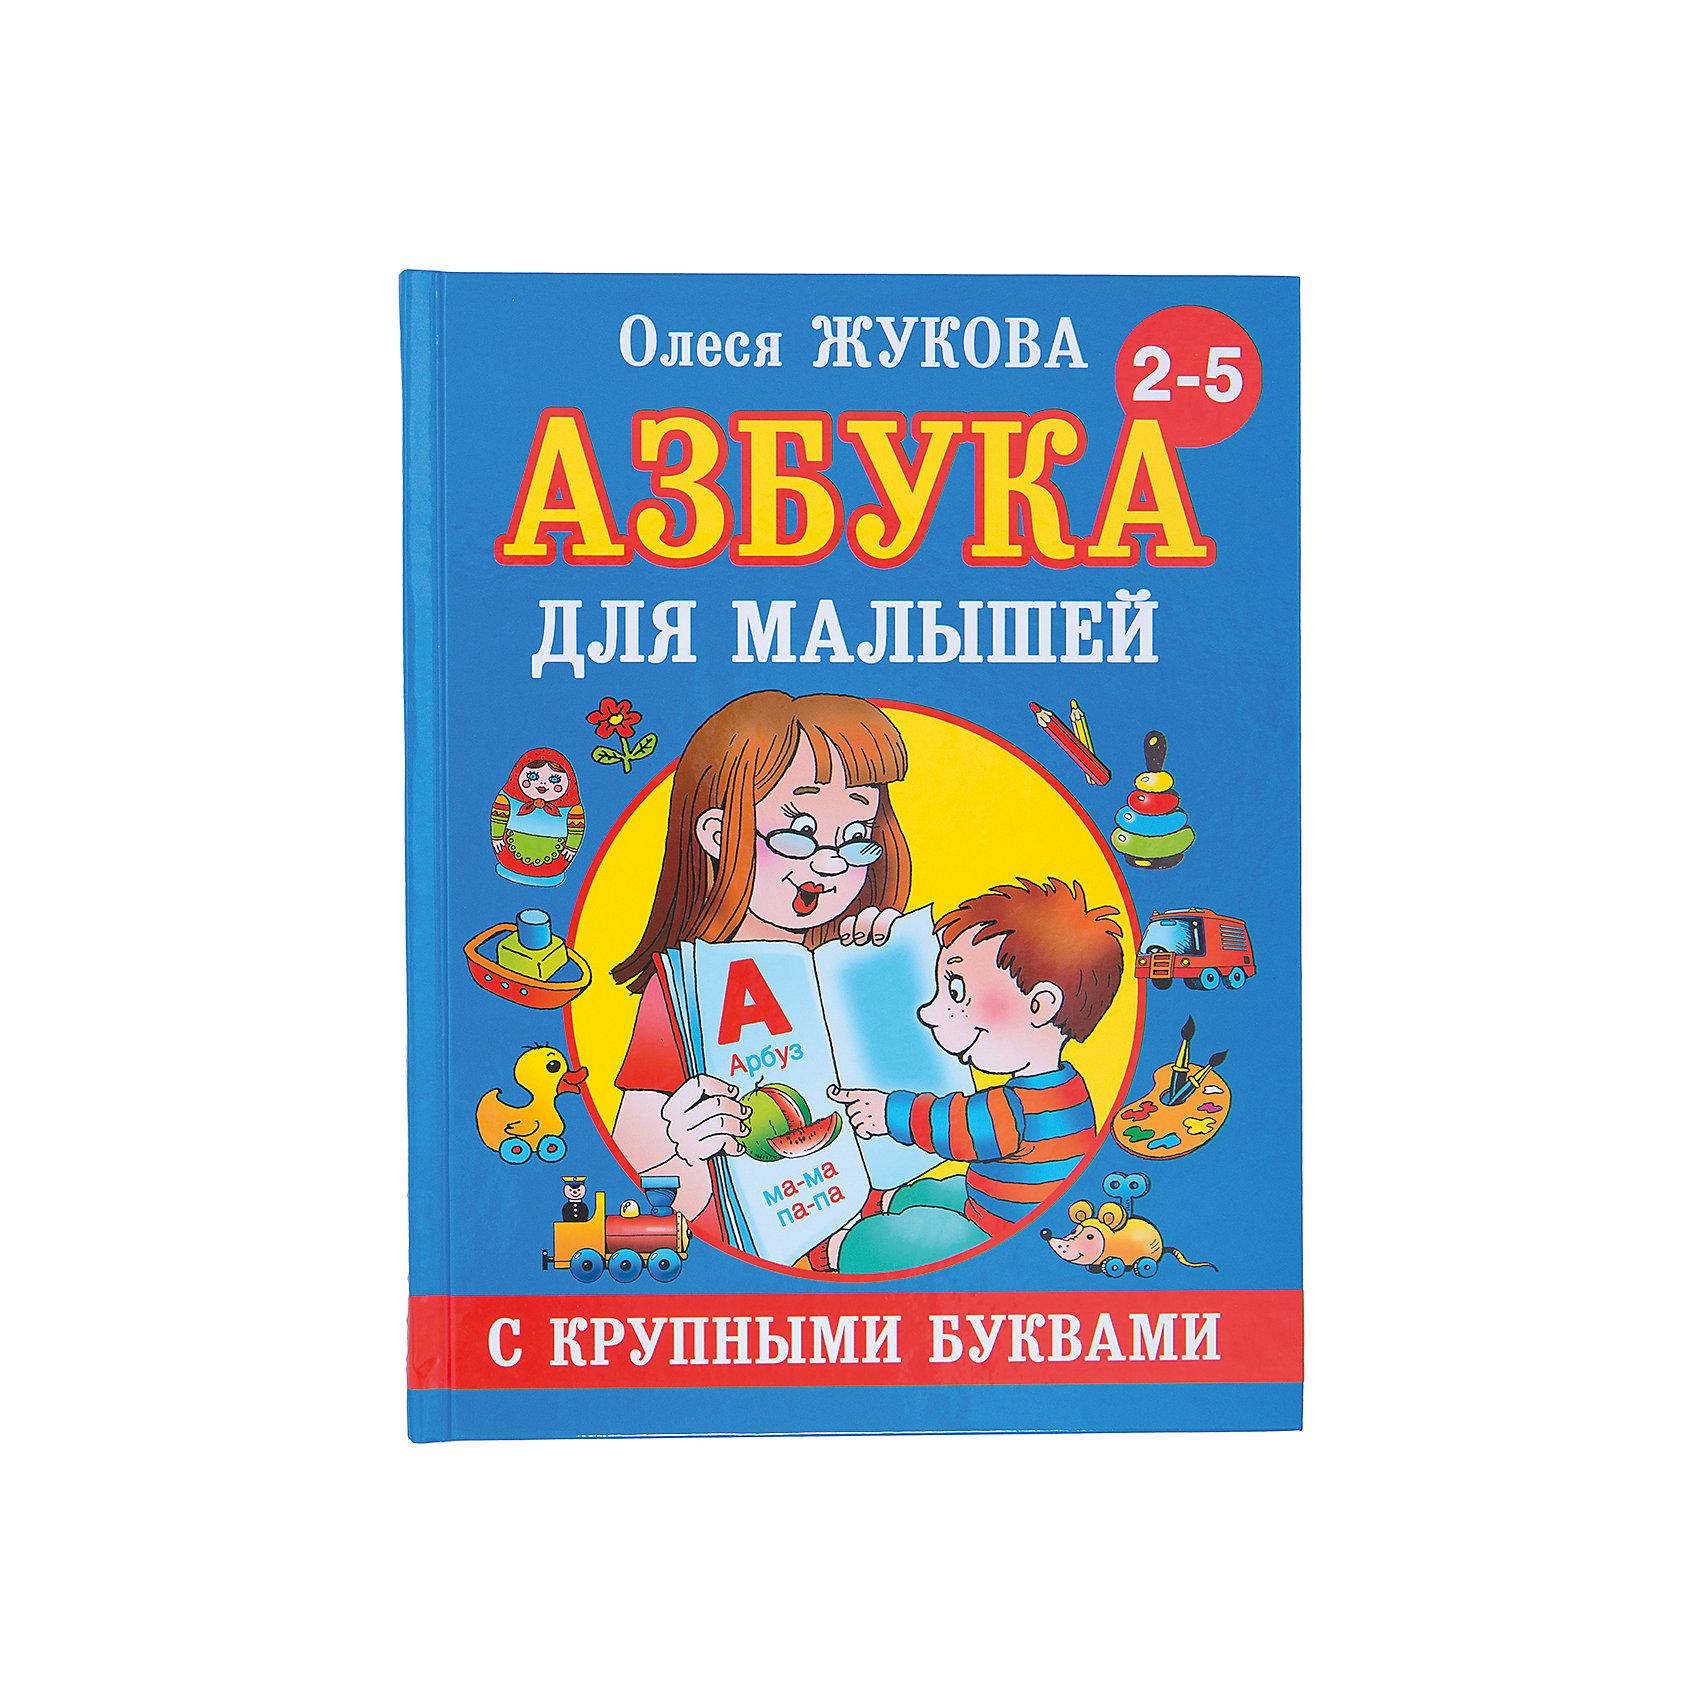 Азбука с крупными буквами для малышейМАЛЫШ<br>Азбука с крупными буквами для малышей<br><br>Отличная книга для тех, кто хочет помочь своему малышу обучиться чтению. В книге много веселых цветных картинок, которые понравятся вашему ребенку и привлекут его внимание, а повседневные увлекательные рассказы сделают уроки чтения любимой игрой. <br>Дополнительная информация:<br>- год выпуска: 2014<br>- количество страниц: 95<br>- формат: 205 * 135 * 17 мм.<br>- Переплет: твердый<br>- Иллюстрации: цветные<br>- вес: 480 гр.<br><br>Азбуку с крупными буквами для малышей можно купить в нашем интернет - магазине.<br>Подробнее:<br>• ISBN: 9785170824243<br>• Для детей в возрасте: от 2 до 5 лет<br>• Номер товара: 4902151<br>Страна производитель: Российская Федерация<br><br>Ширина мм: 12<br>Глубина мм: 195<br>Высота мм: 255<br>Вес г: 490<br>Возраст от месяцев: 48<br>Возраст до месяцев: 72<br>Пол: Унисекс<br>Возраст: Детский<br>SKU: 4902151